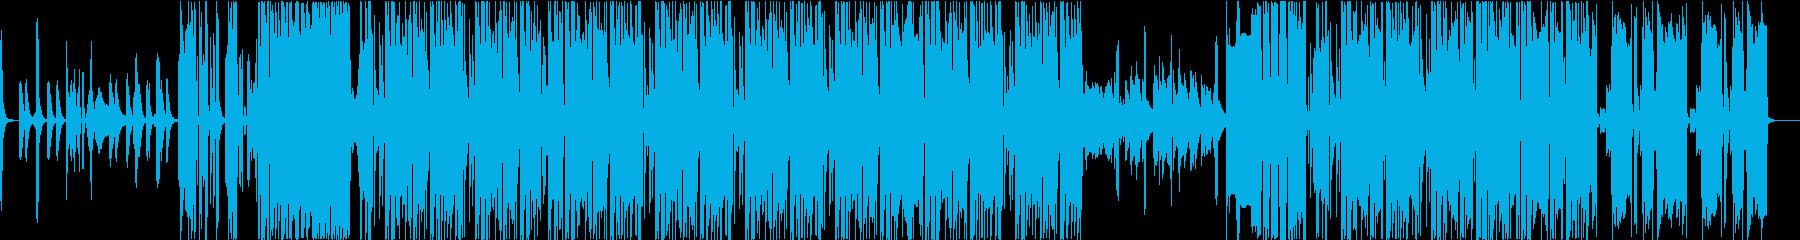 おどろおどろしいエレクトロニックの再生済みの波形